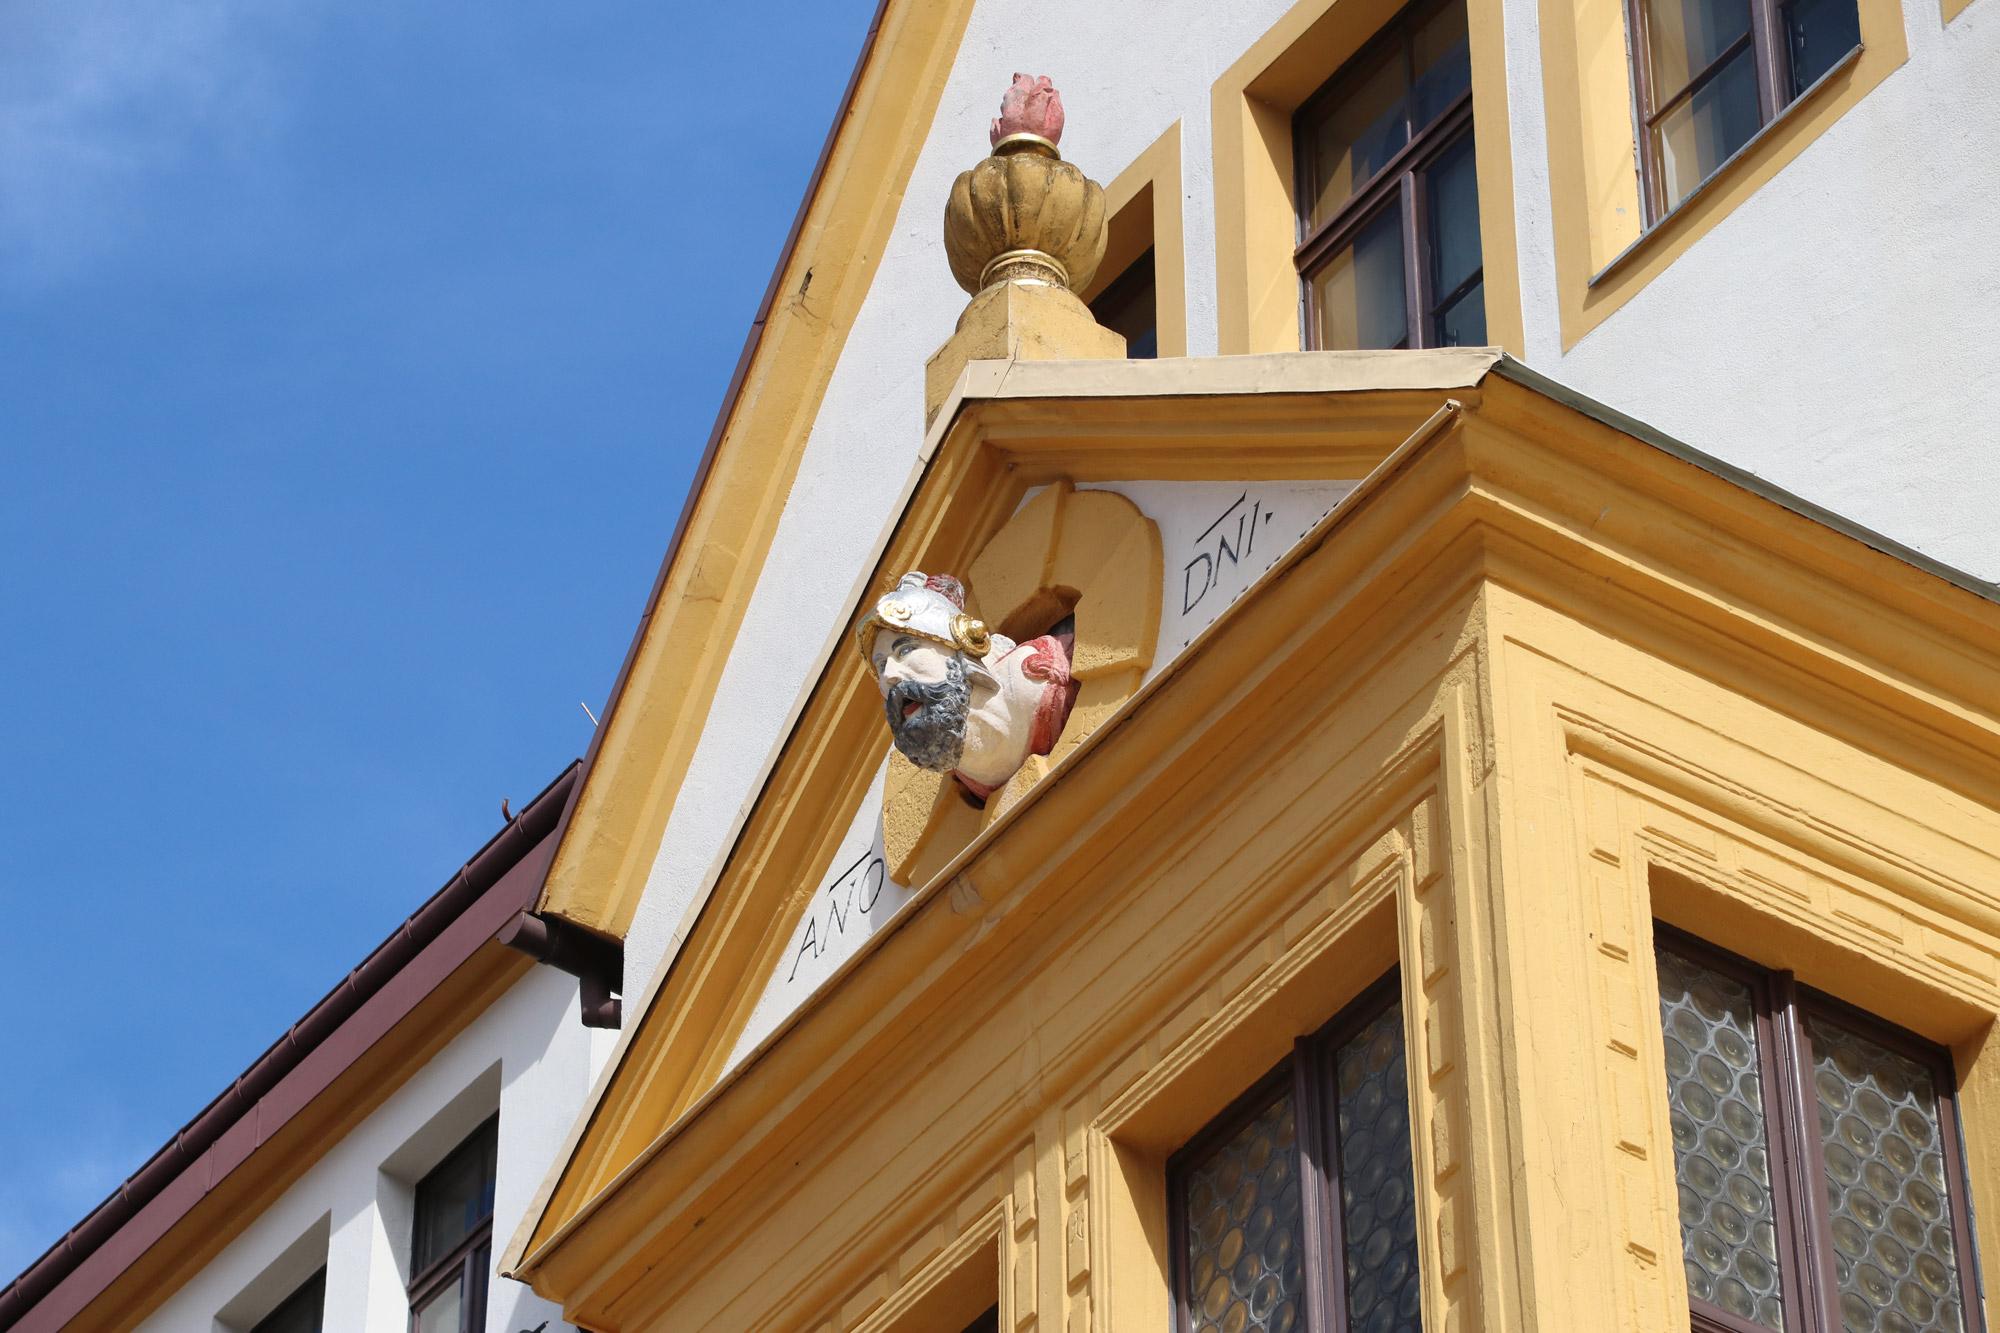 Freiberg, de zilverstad in Saksen - Gaffkopff